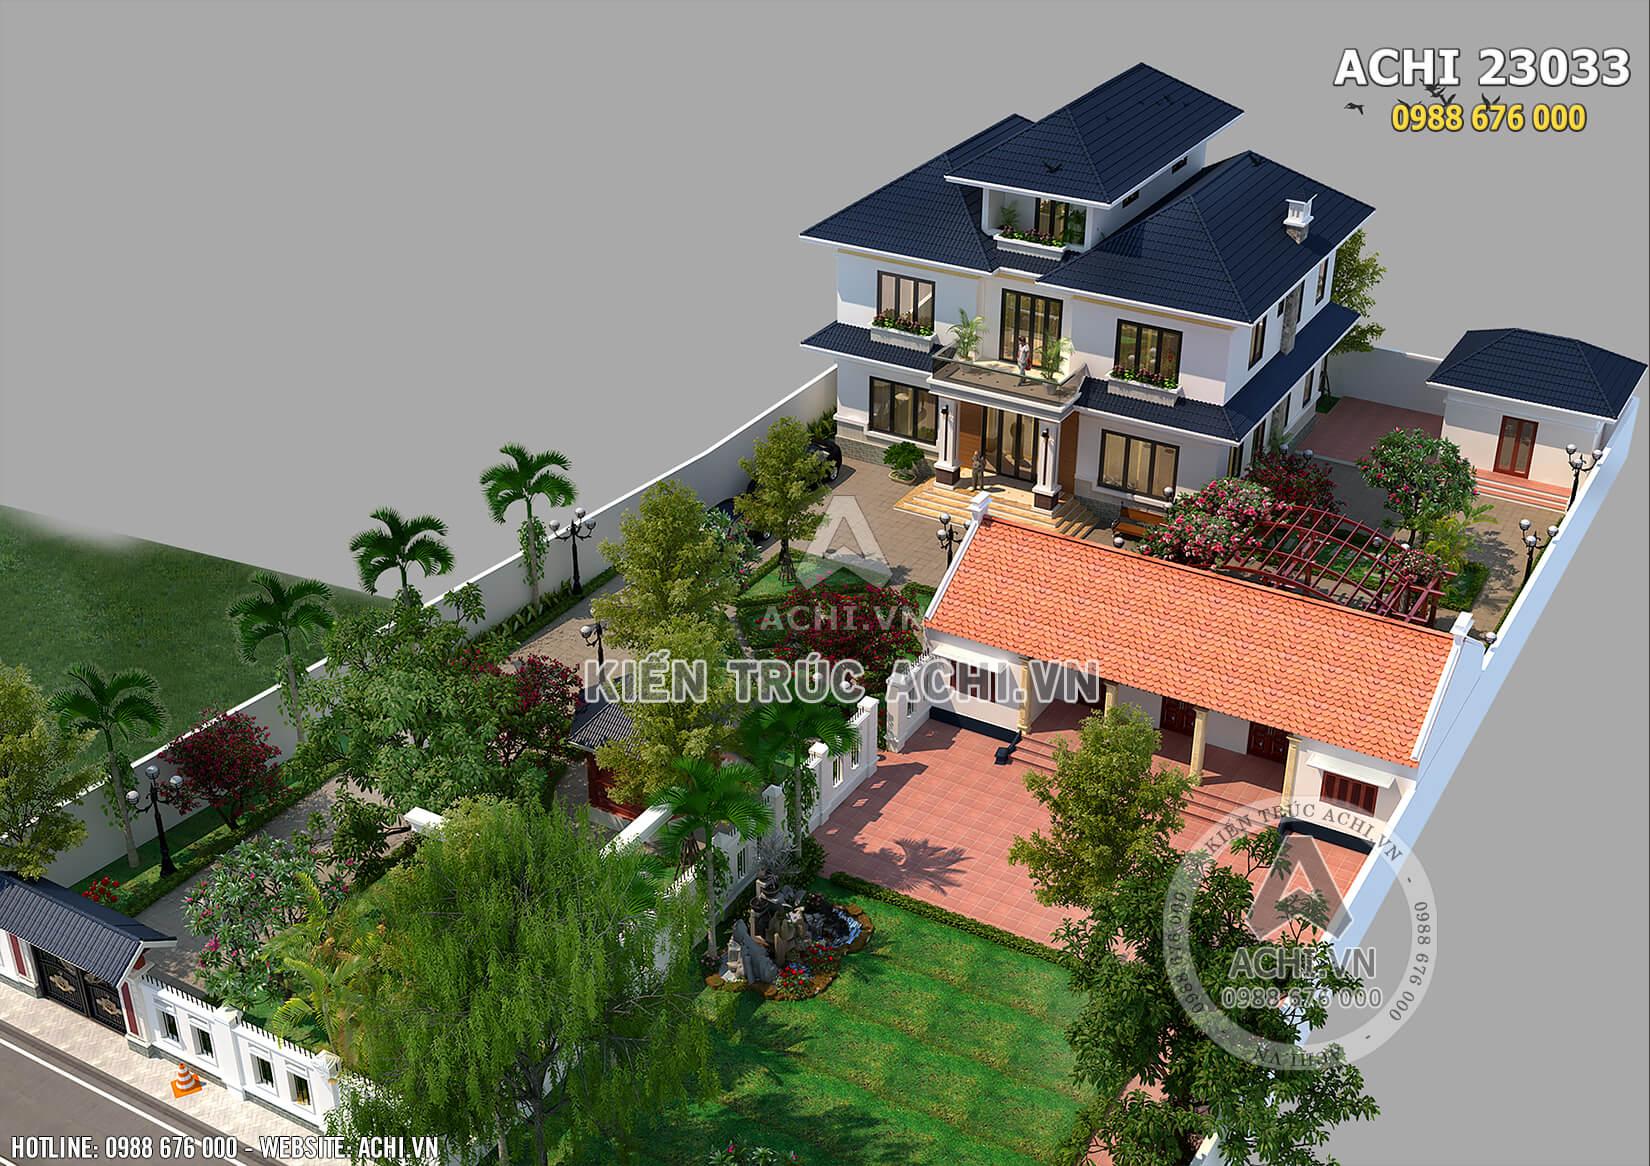 Toàn cảnh mẫu biệt thự nhà vườn 2,5 tầng mái thái đẹp tại Hà Nội nhìn từ trên cao xuống